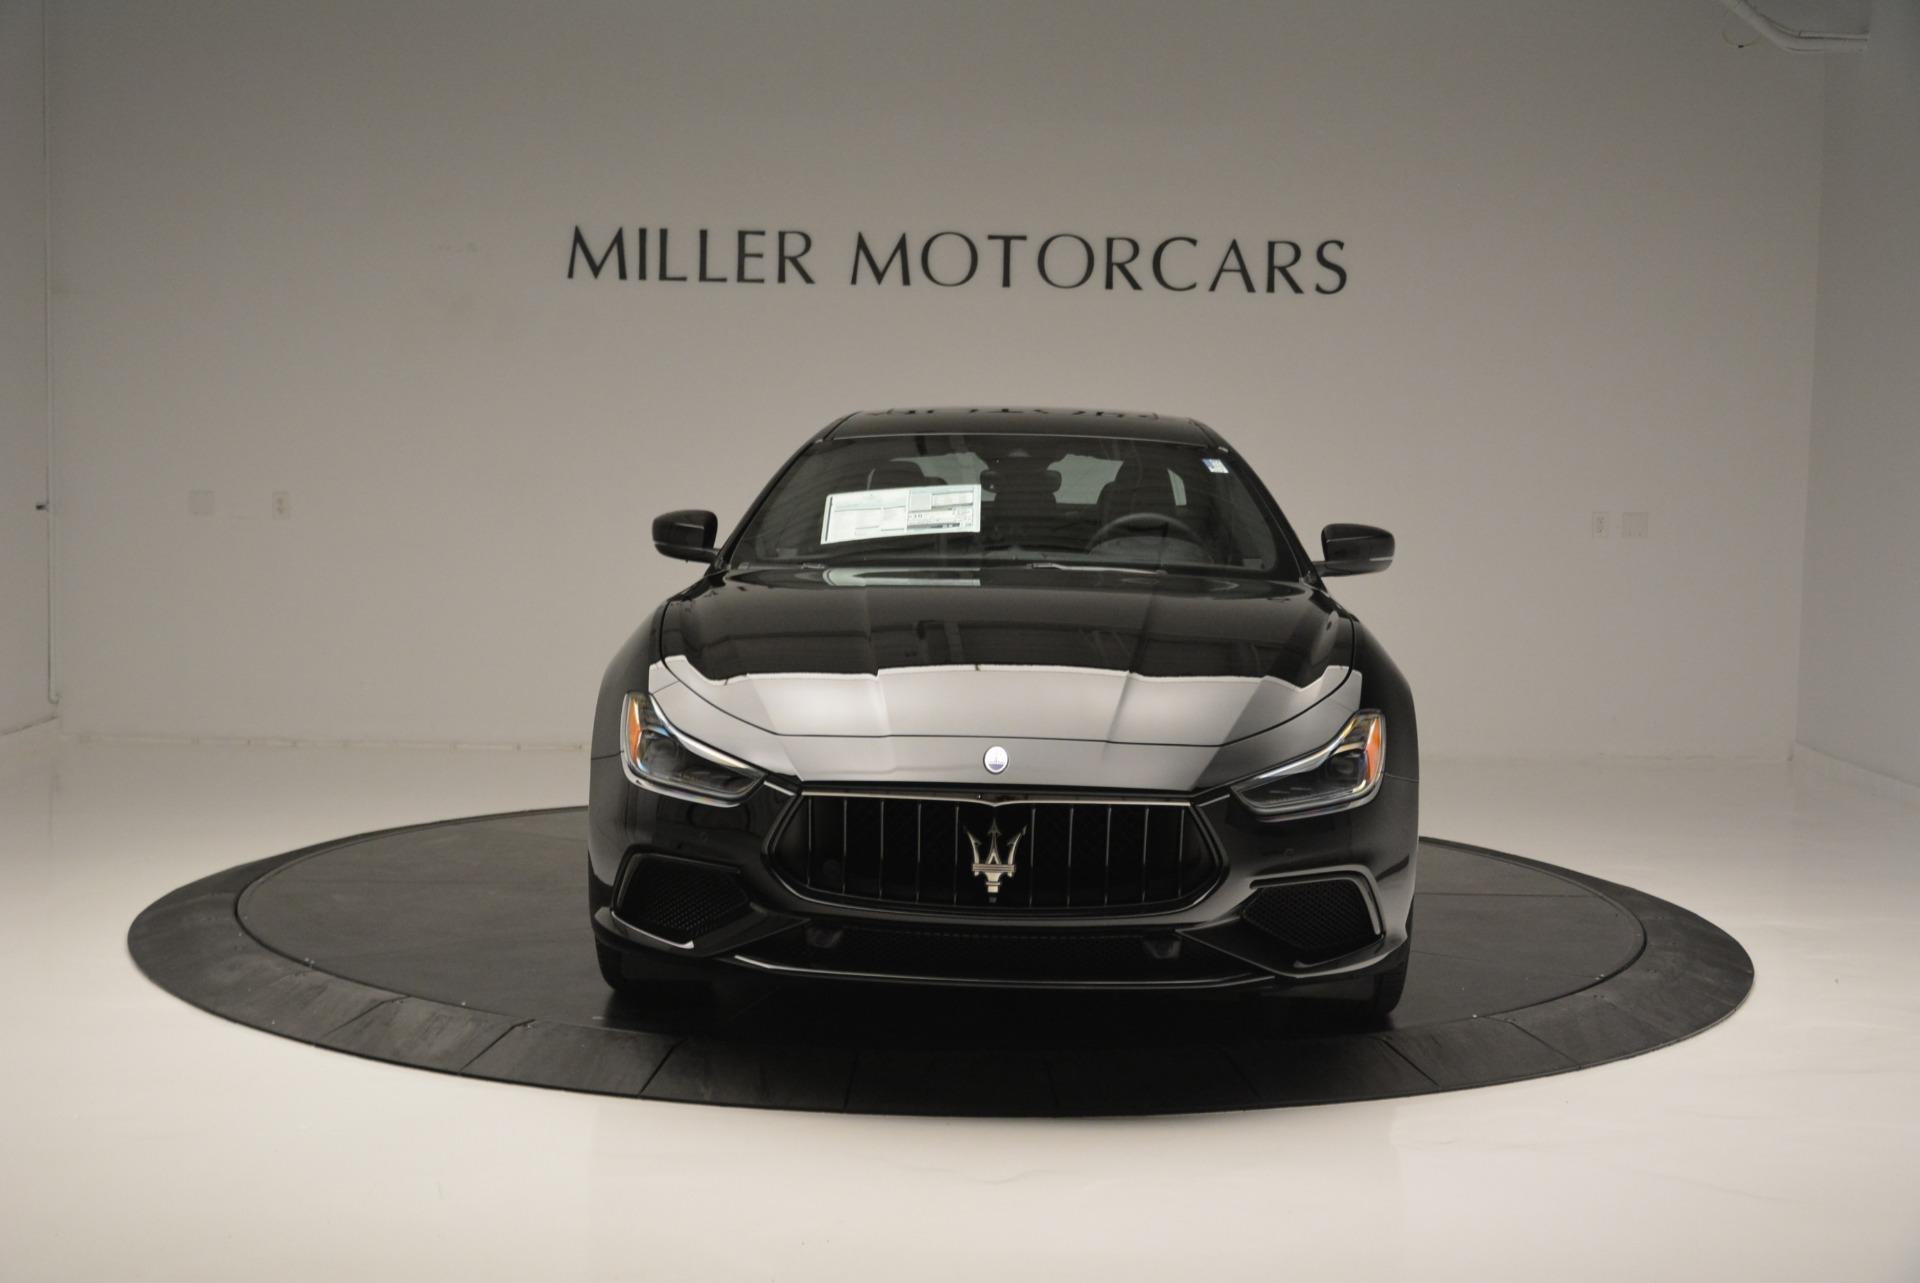 New 2018 Maserati Ghibli SQ4 GranSport Nerissimo For Sale In Greenwich, CT. Alfa Romeo of Greenwich, M2173 2368_p12